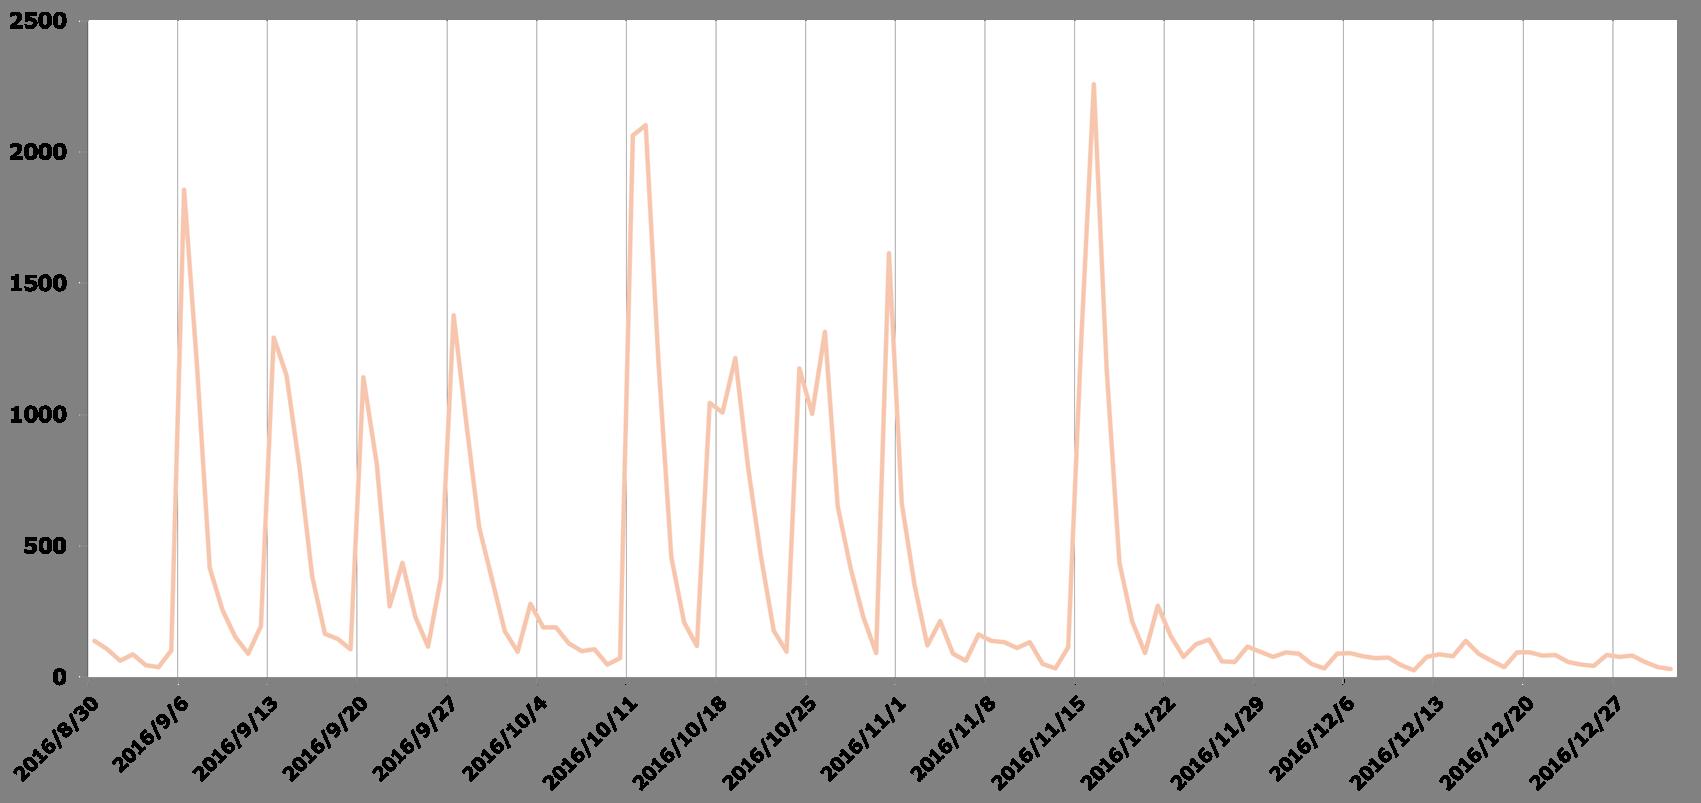 メール経由で拡散されたとみられる「Ursnif」の検出数の推移。トレンドマイクロのクラウド型セキュリティ技術基盤「Trend Micro Smart Protection Network(SPN)」によるもの(出典:トレンドマイクロ)